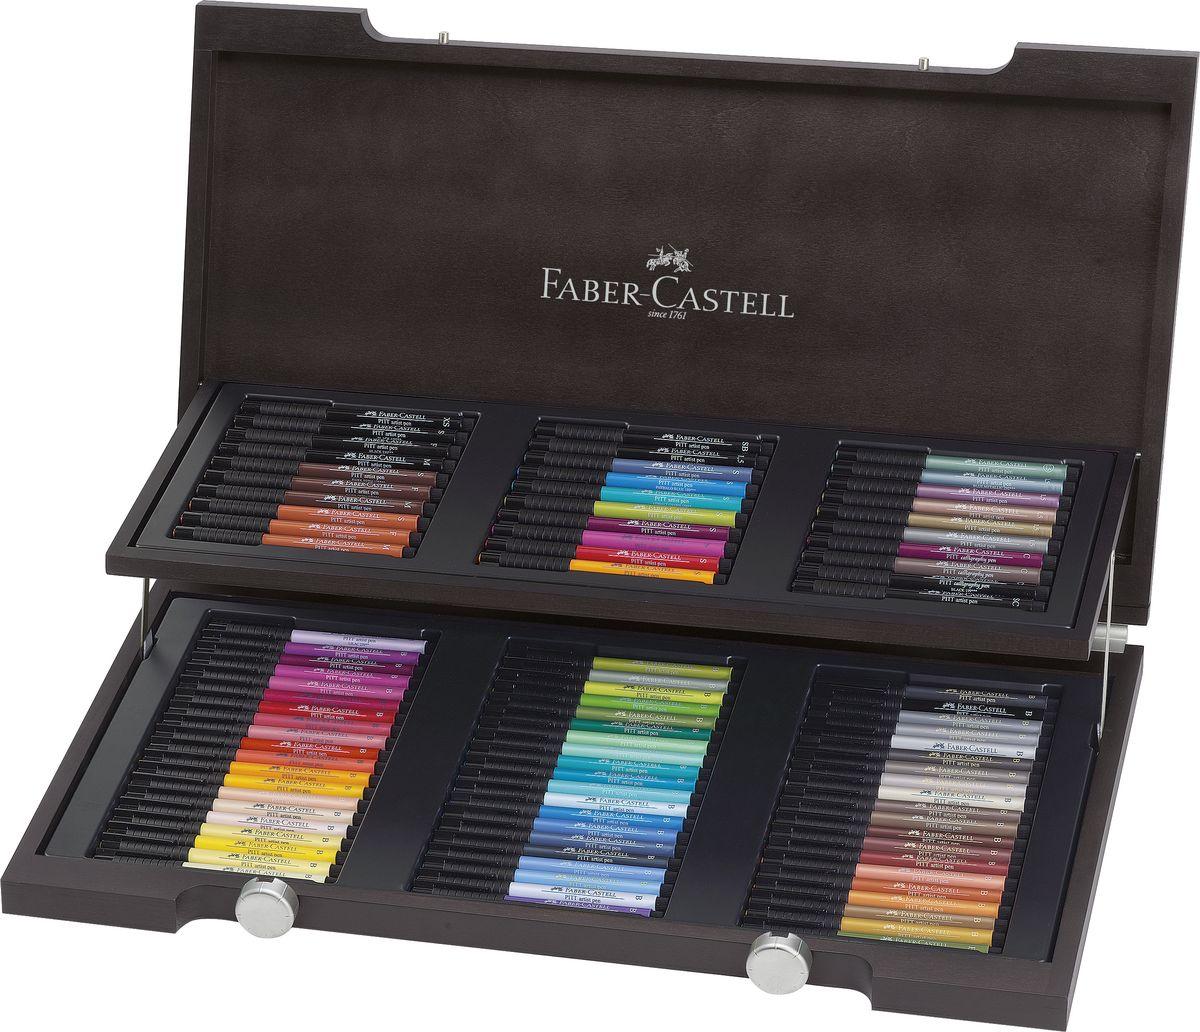 Капиллярные ручки с кисточками Faber-Castell Pitt Artist Pen станут незаменимым инструментом для набросков тушью, рисования и живописи и идеальны для художников, дизайнеров, иллюстраторов, архитекторов.Заостренные кончики ручек позволяют проводить тончайшие линии. Чернила не выцветают на свету, не стираются и не размываются водой, не имеют неприятного запаха и pH-нейтральны.Набор художественных капиллярных ручек с кисточками - это практичный и современный художественный инструмент, который поможет вам в создании самых выразительных произведений.